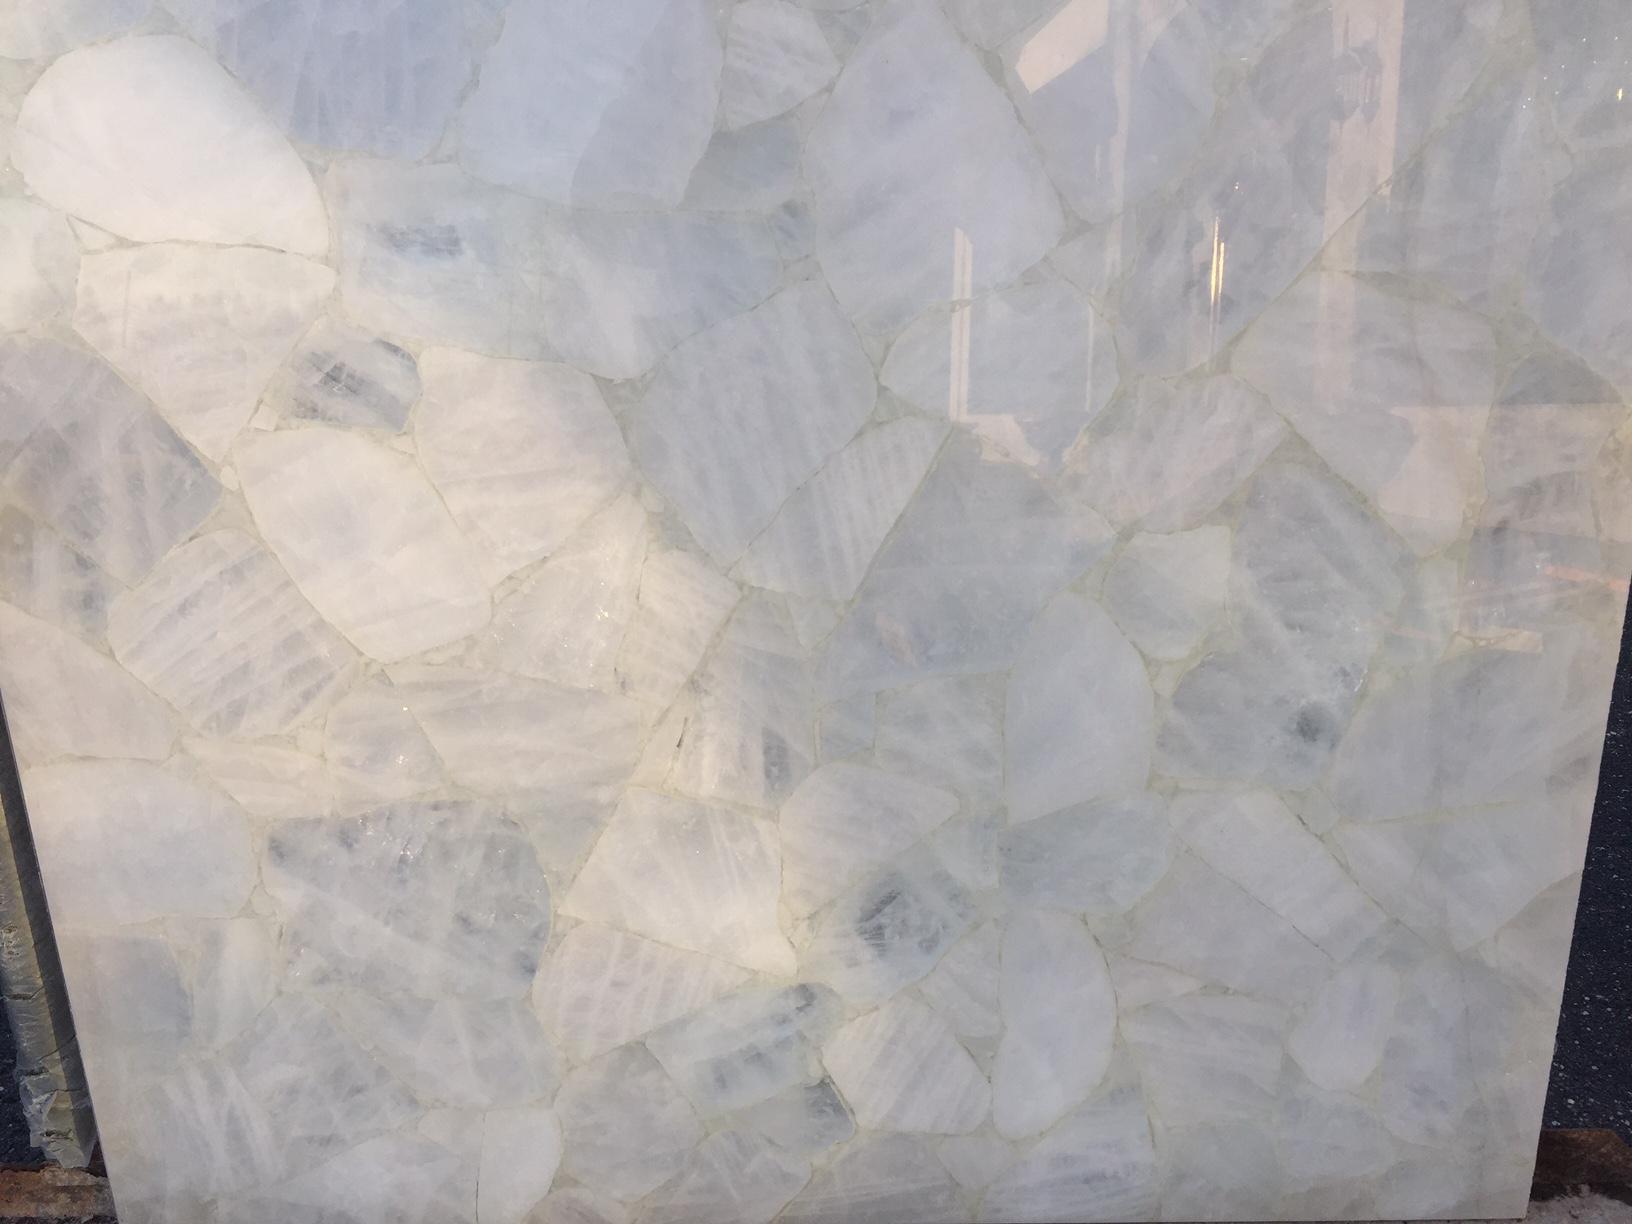 White quartz precious stone 34in x 32in 2cm absolute for 2 thick granite